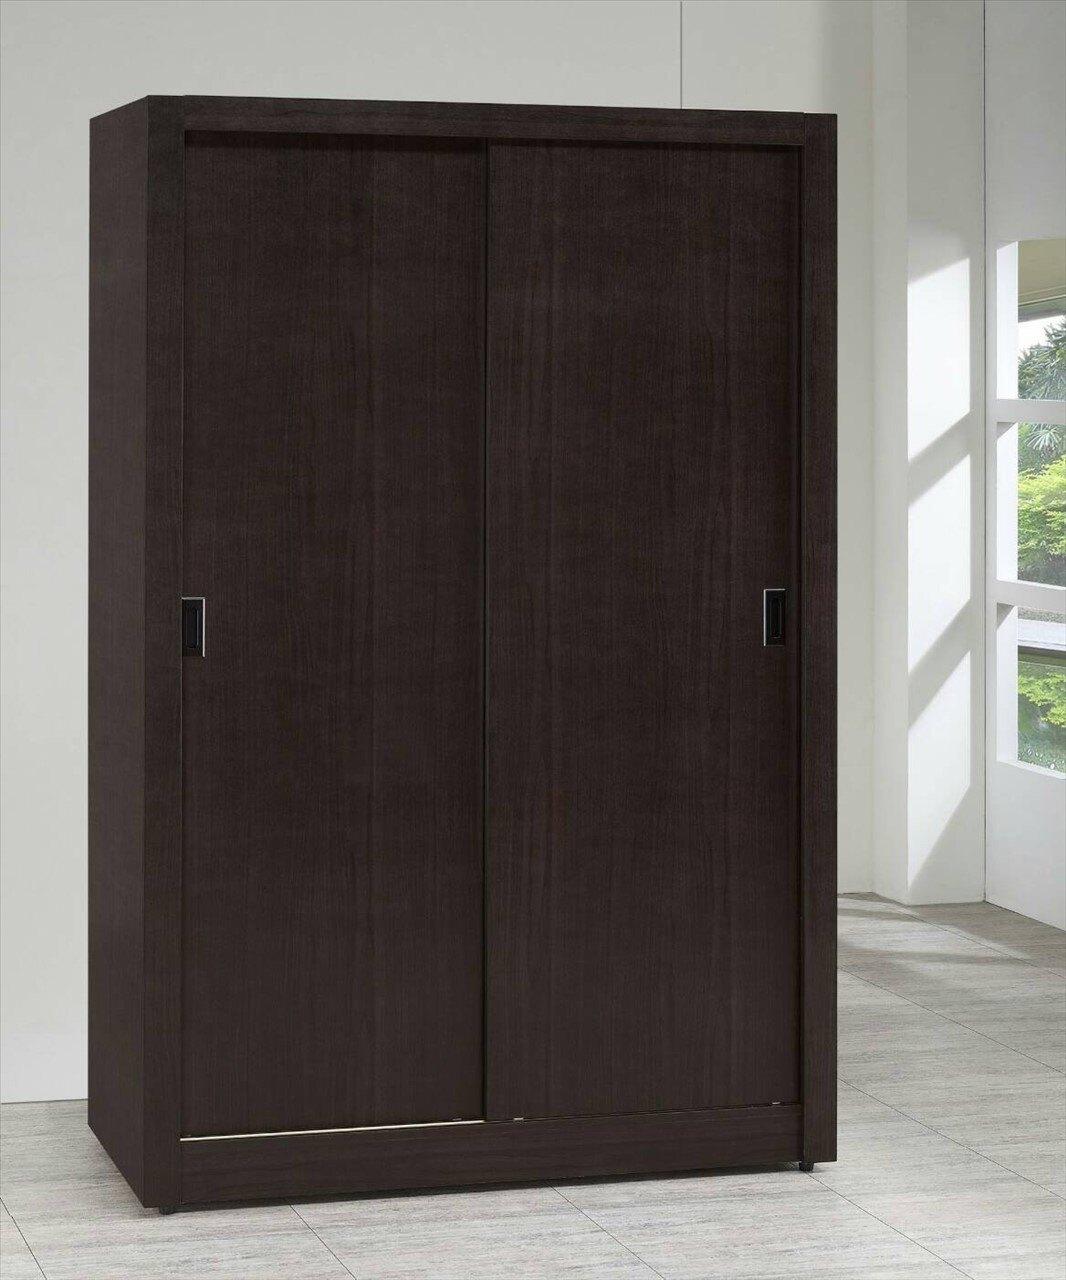 【石川家居】GH-4744 柚木集成材木心板結構4*7尺衣櫃 可客製化 四色可選 (不含其他商品) 台中以北搭配車趟免運